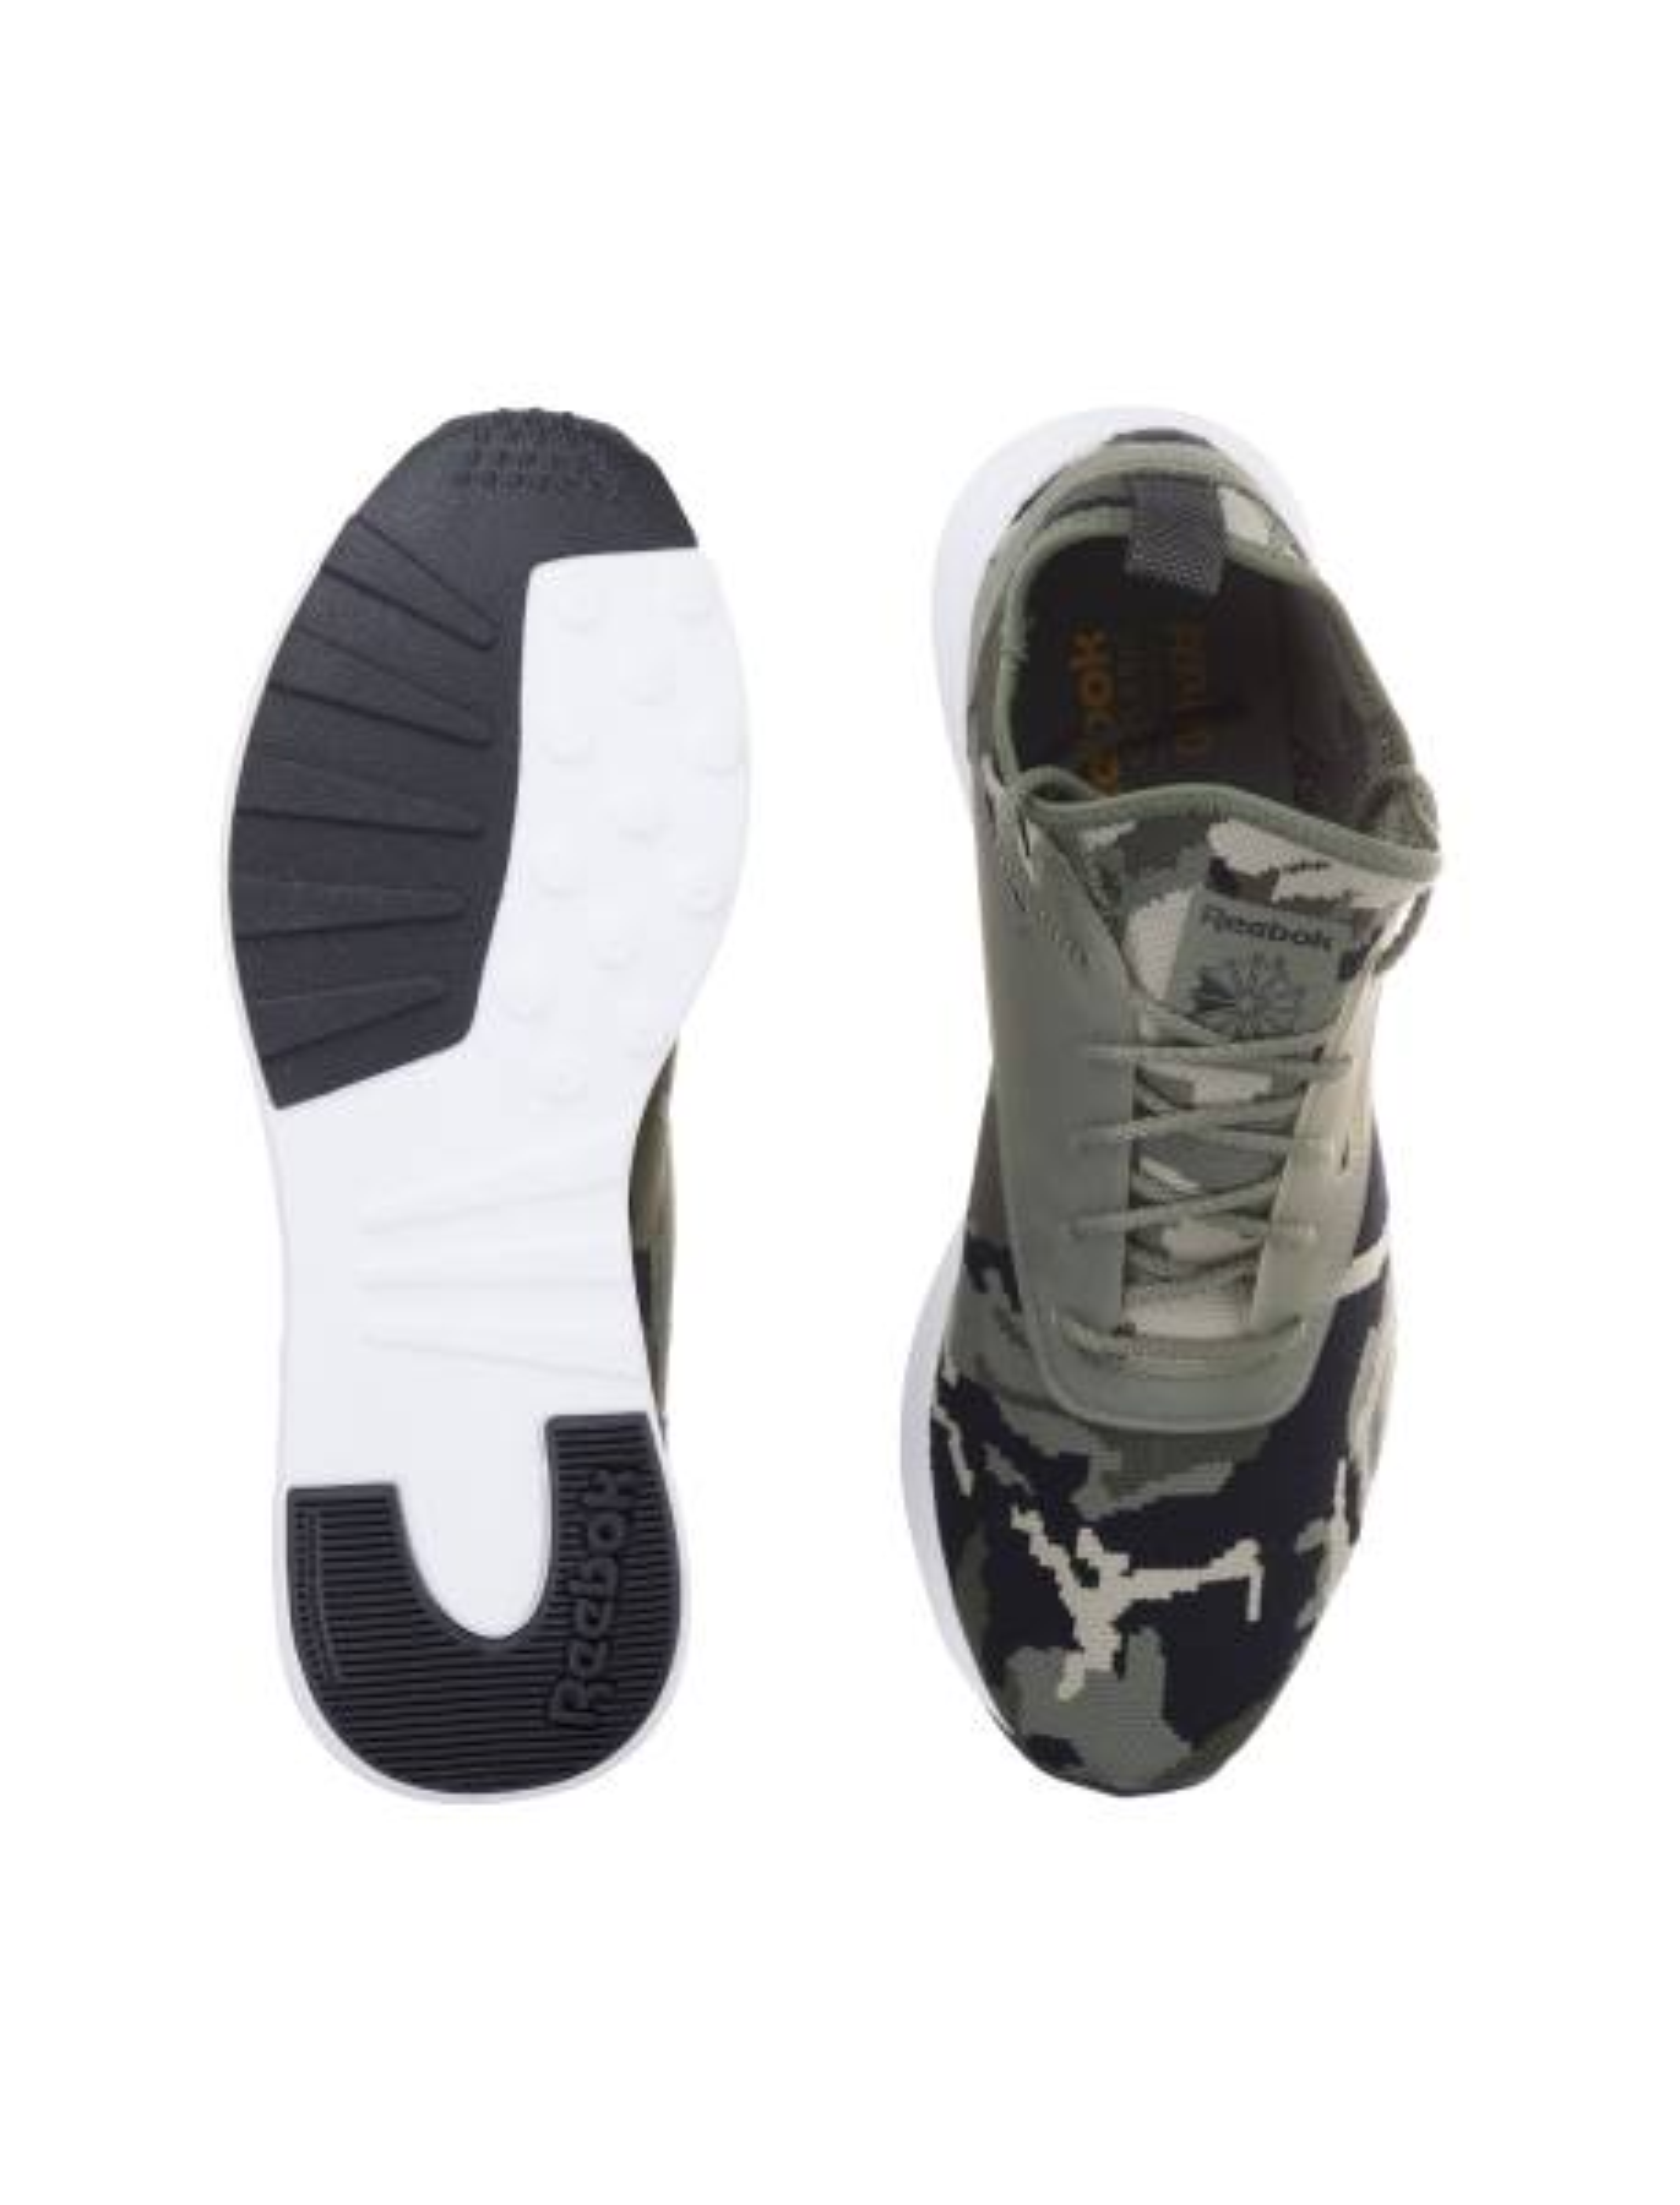 کفش تمرین بندی مردانه ZOKU - زيتوني - 2